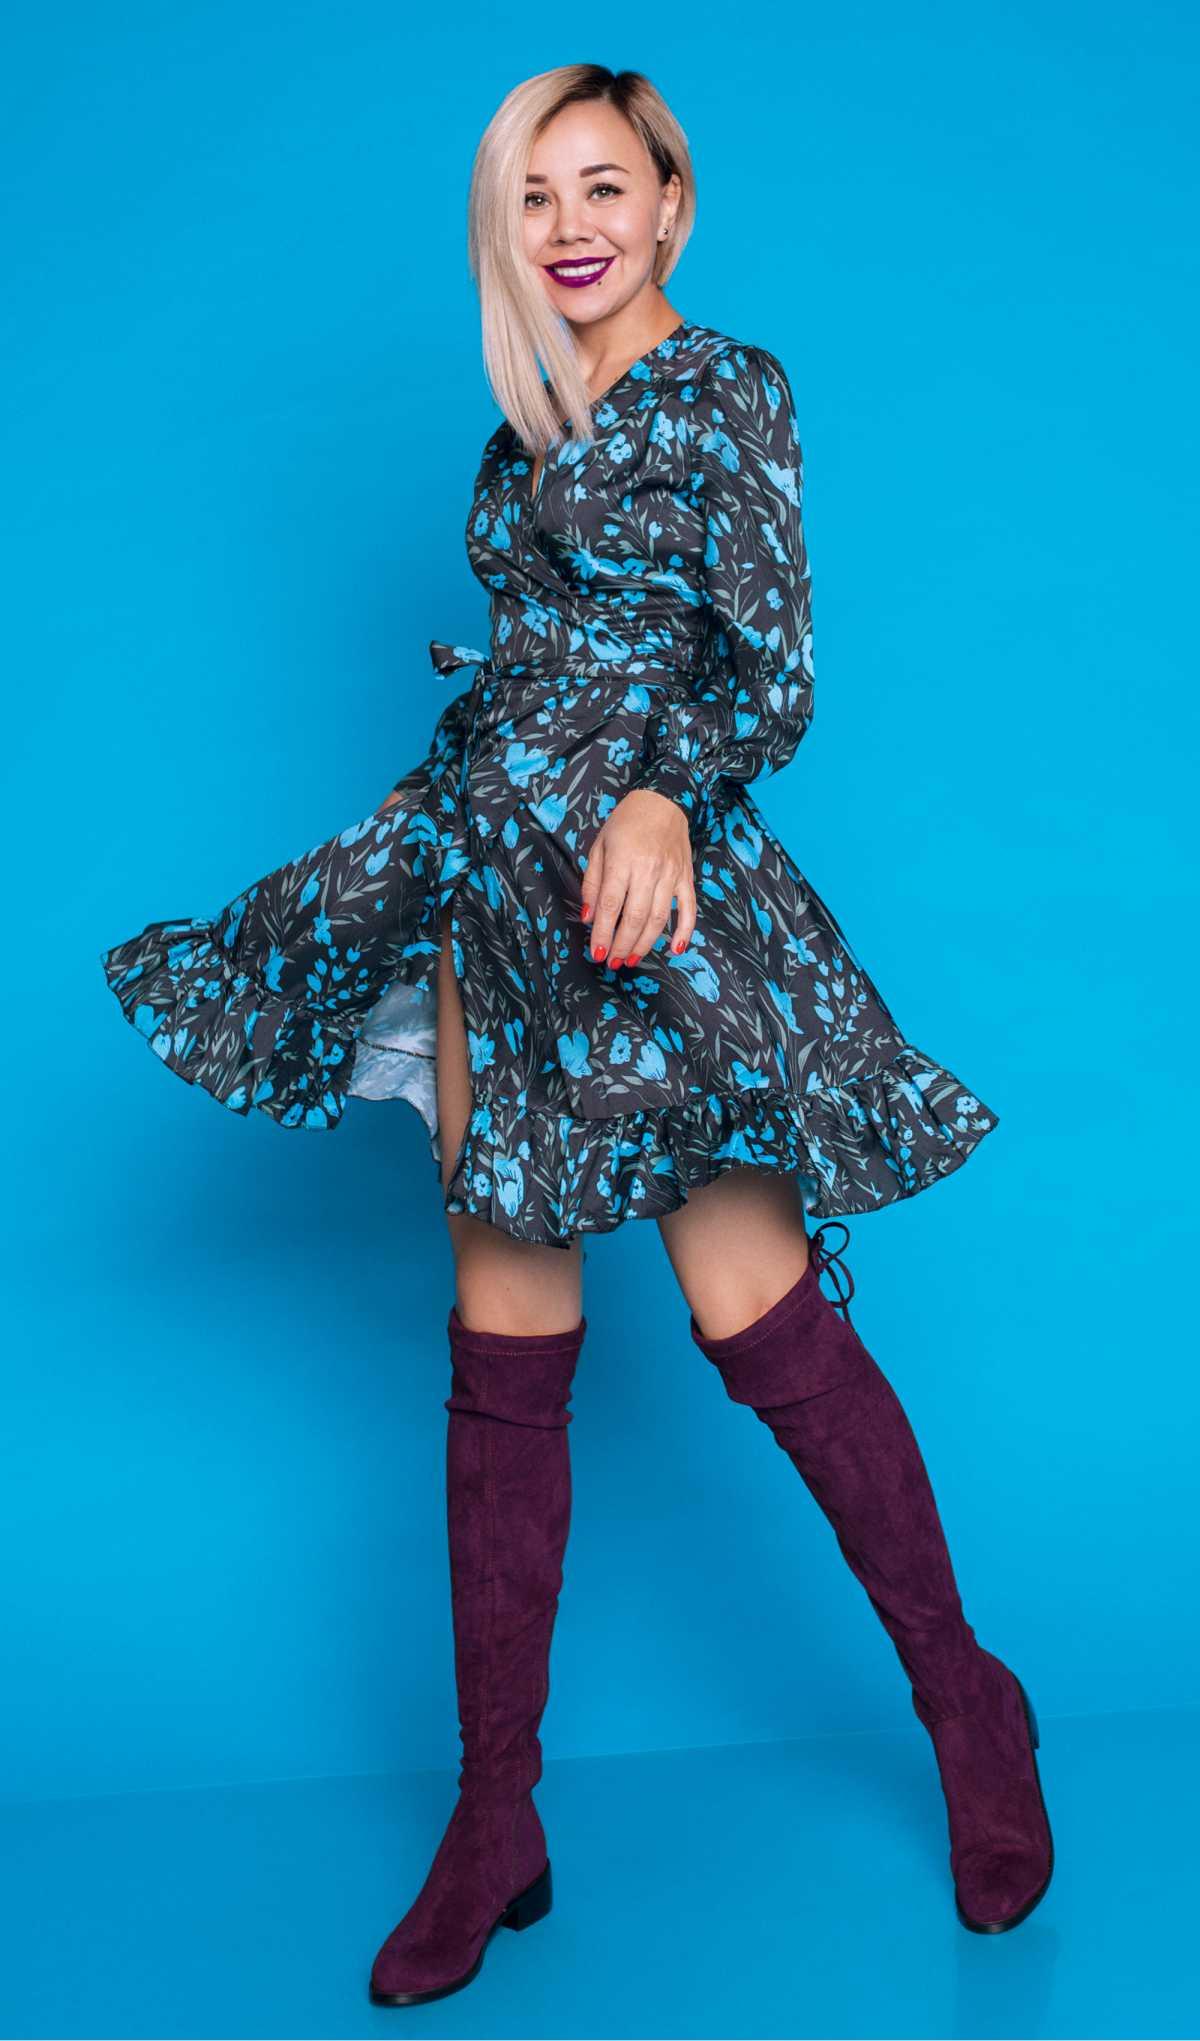 vestido floral azul com botas cano longo